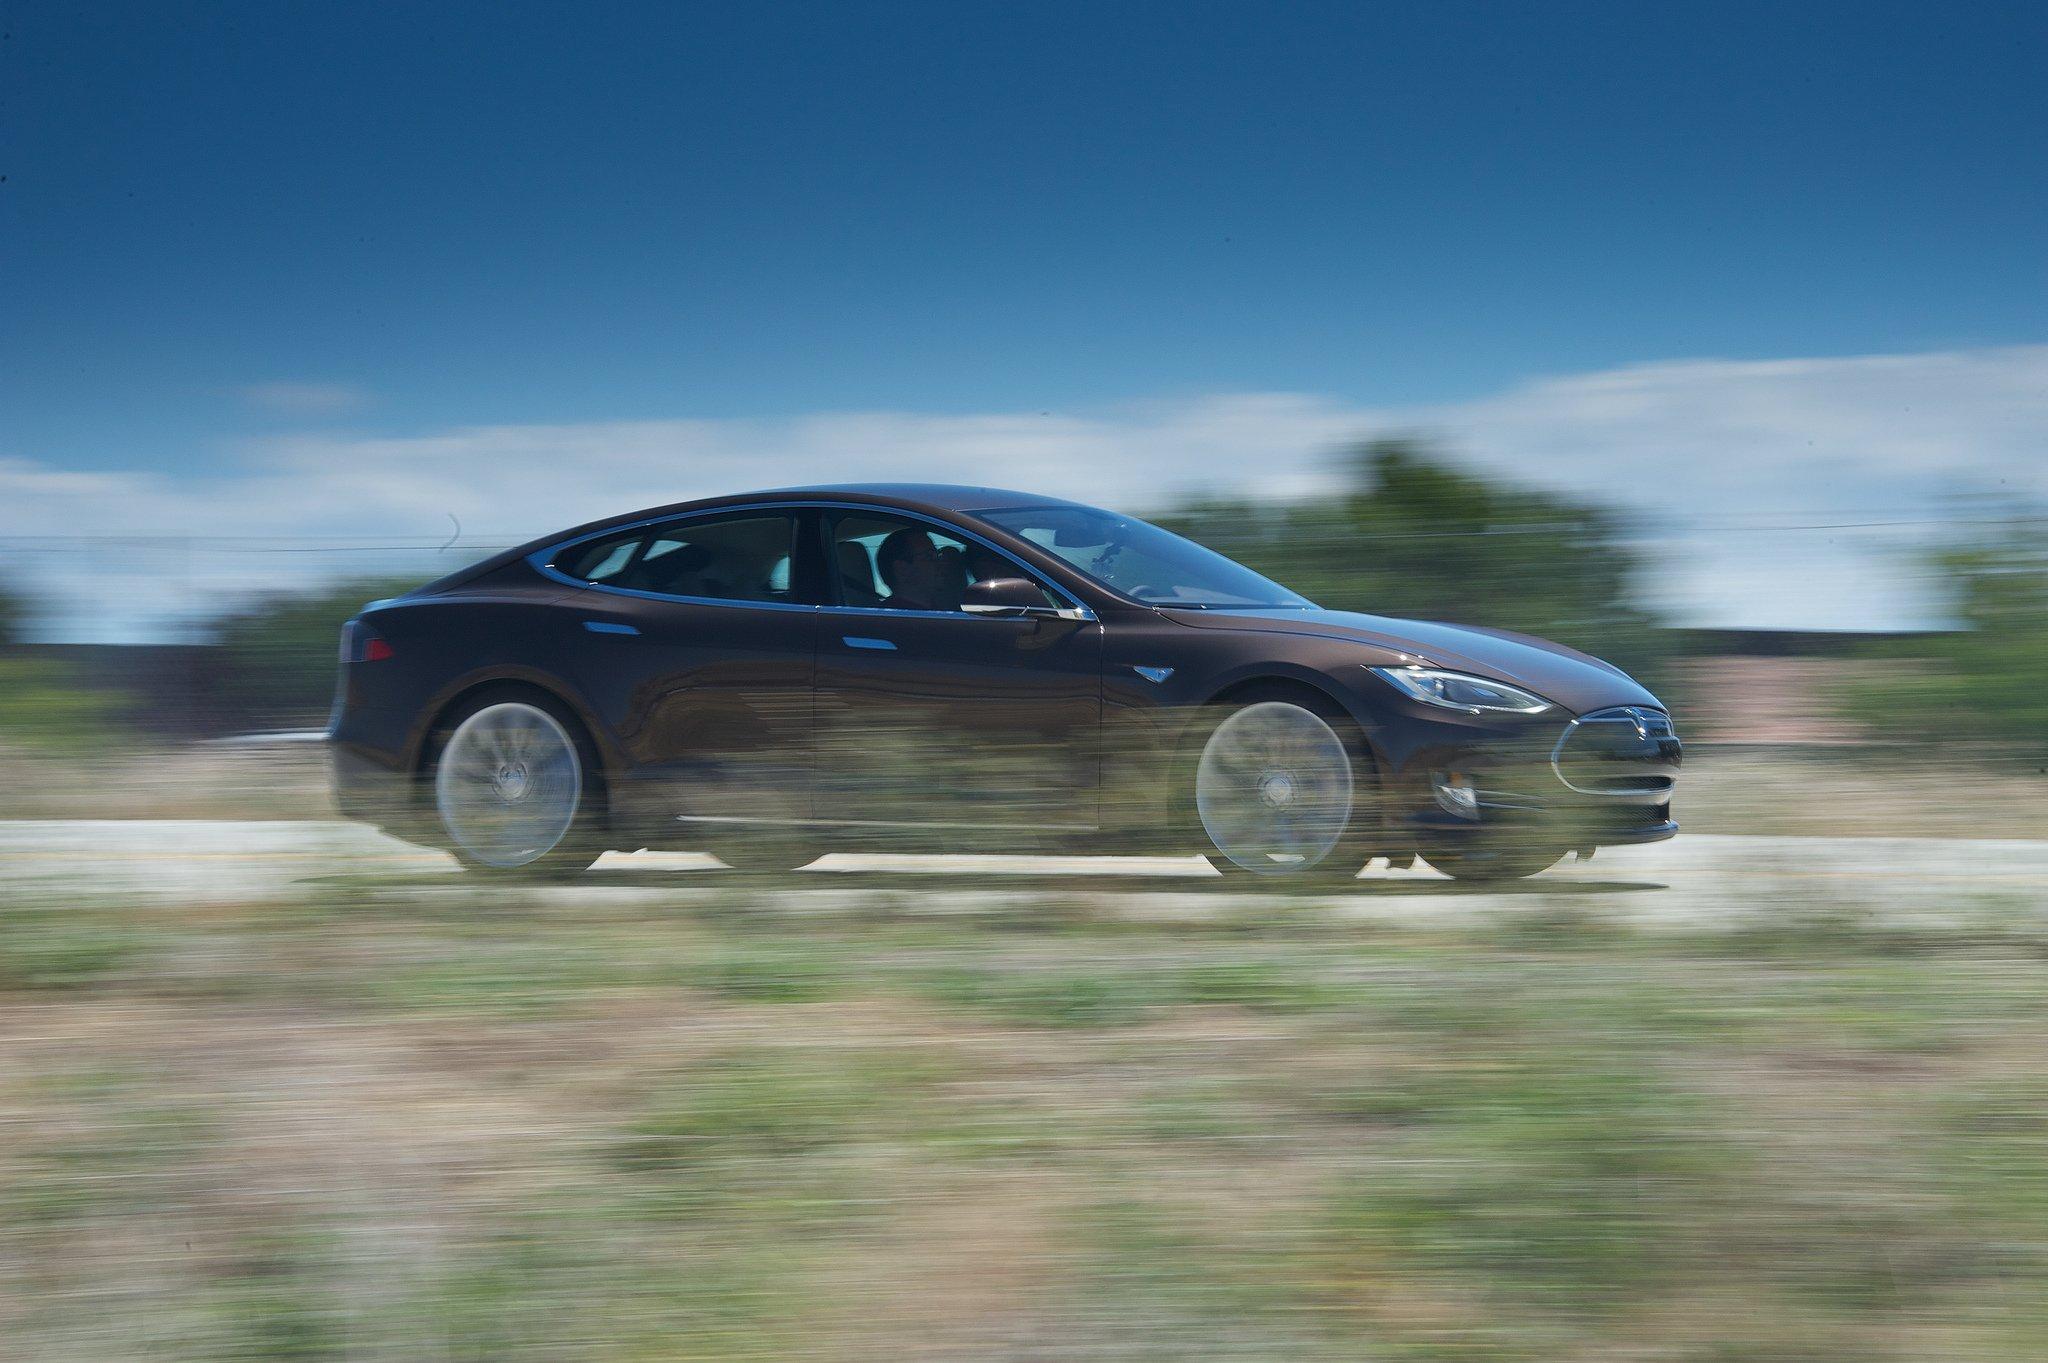 Der Tesla S ist ein reines Elektroauto, dass nicht nur sehr gut aussieht, sondern auch eine Reichweite von mehr als 400 Kilometer hat. An Tesla hält unter anderem der Daimler-Konzern Anteile.